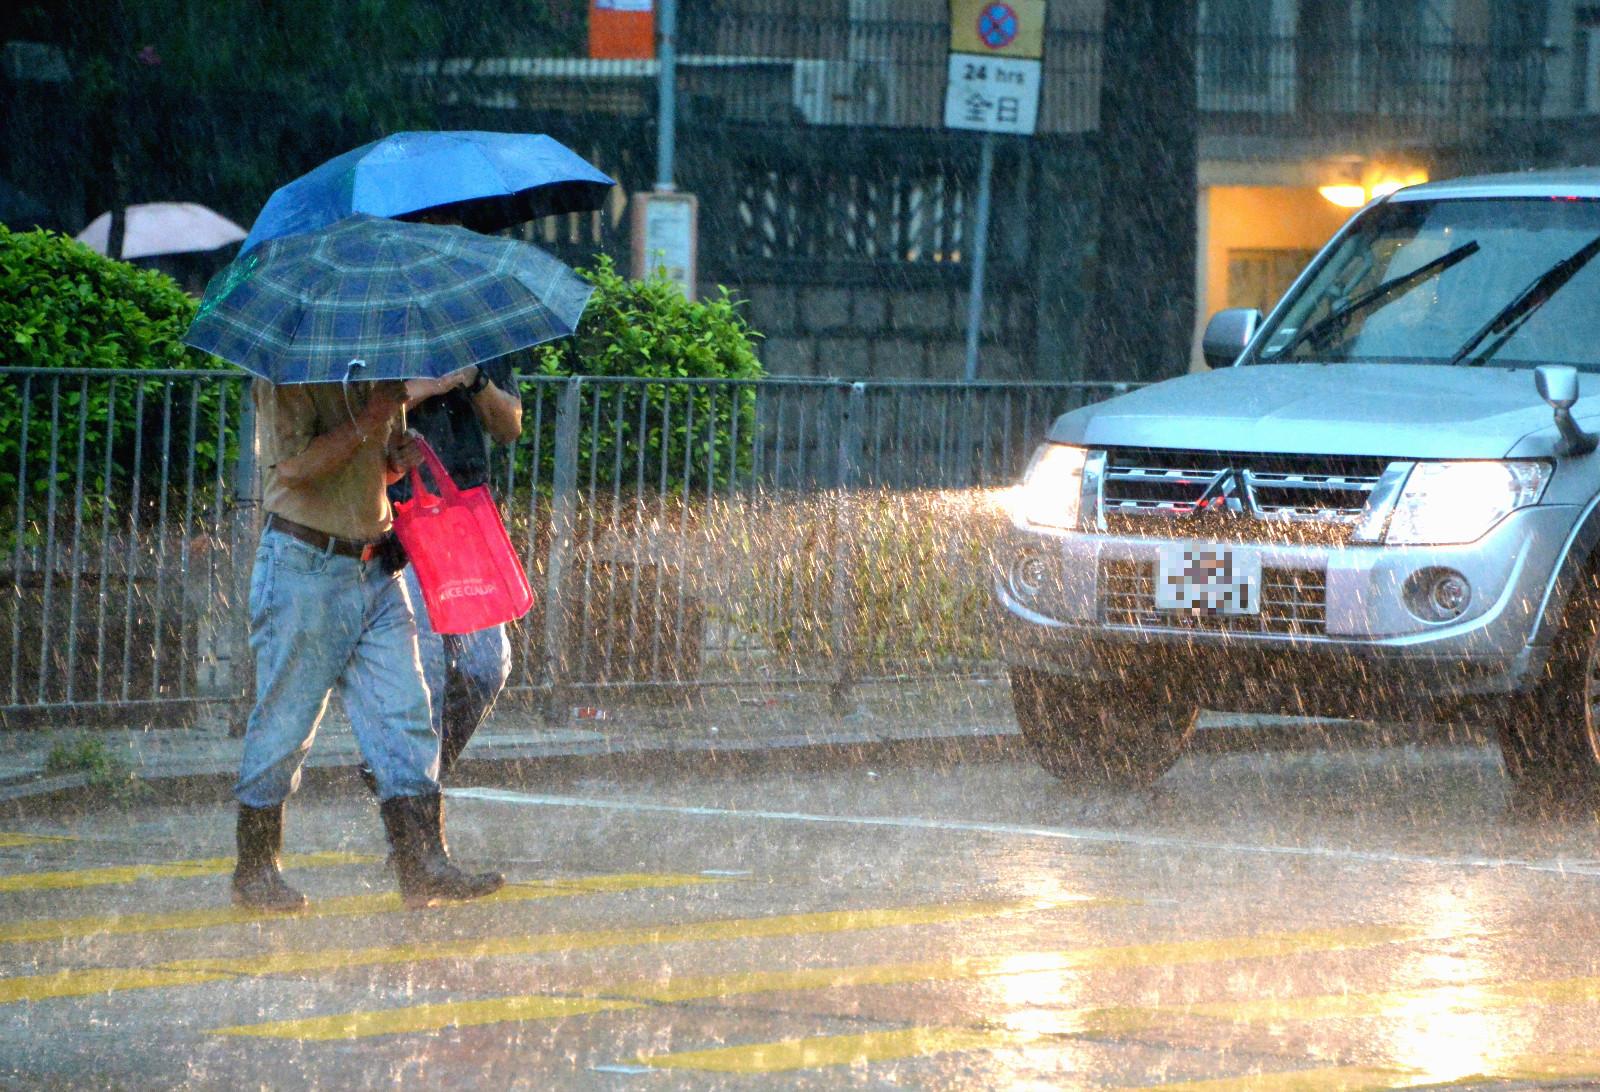 強雷雨正影響本港附近及沿岸海域。資料圖片